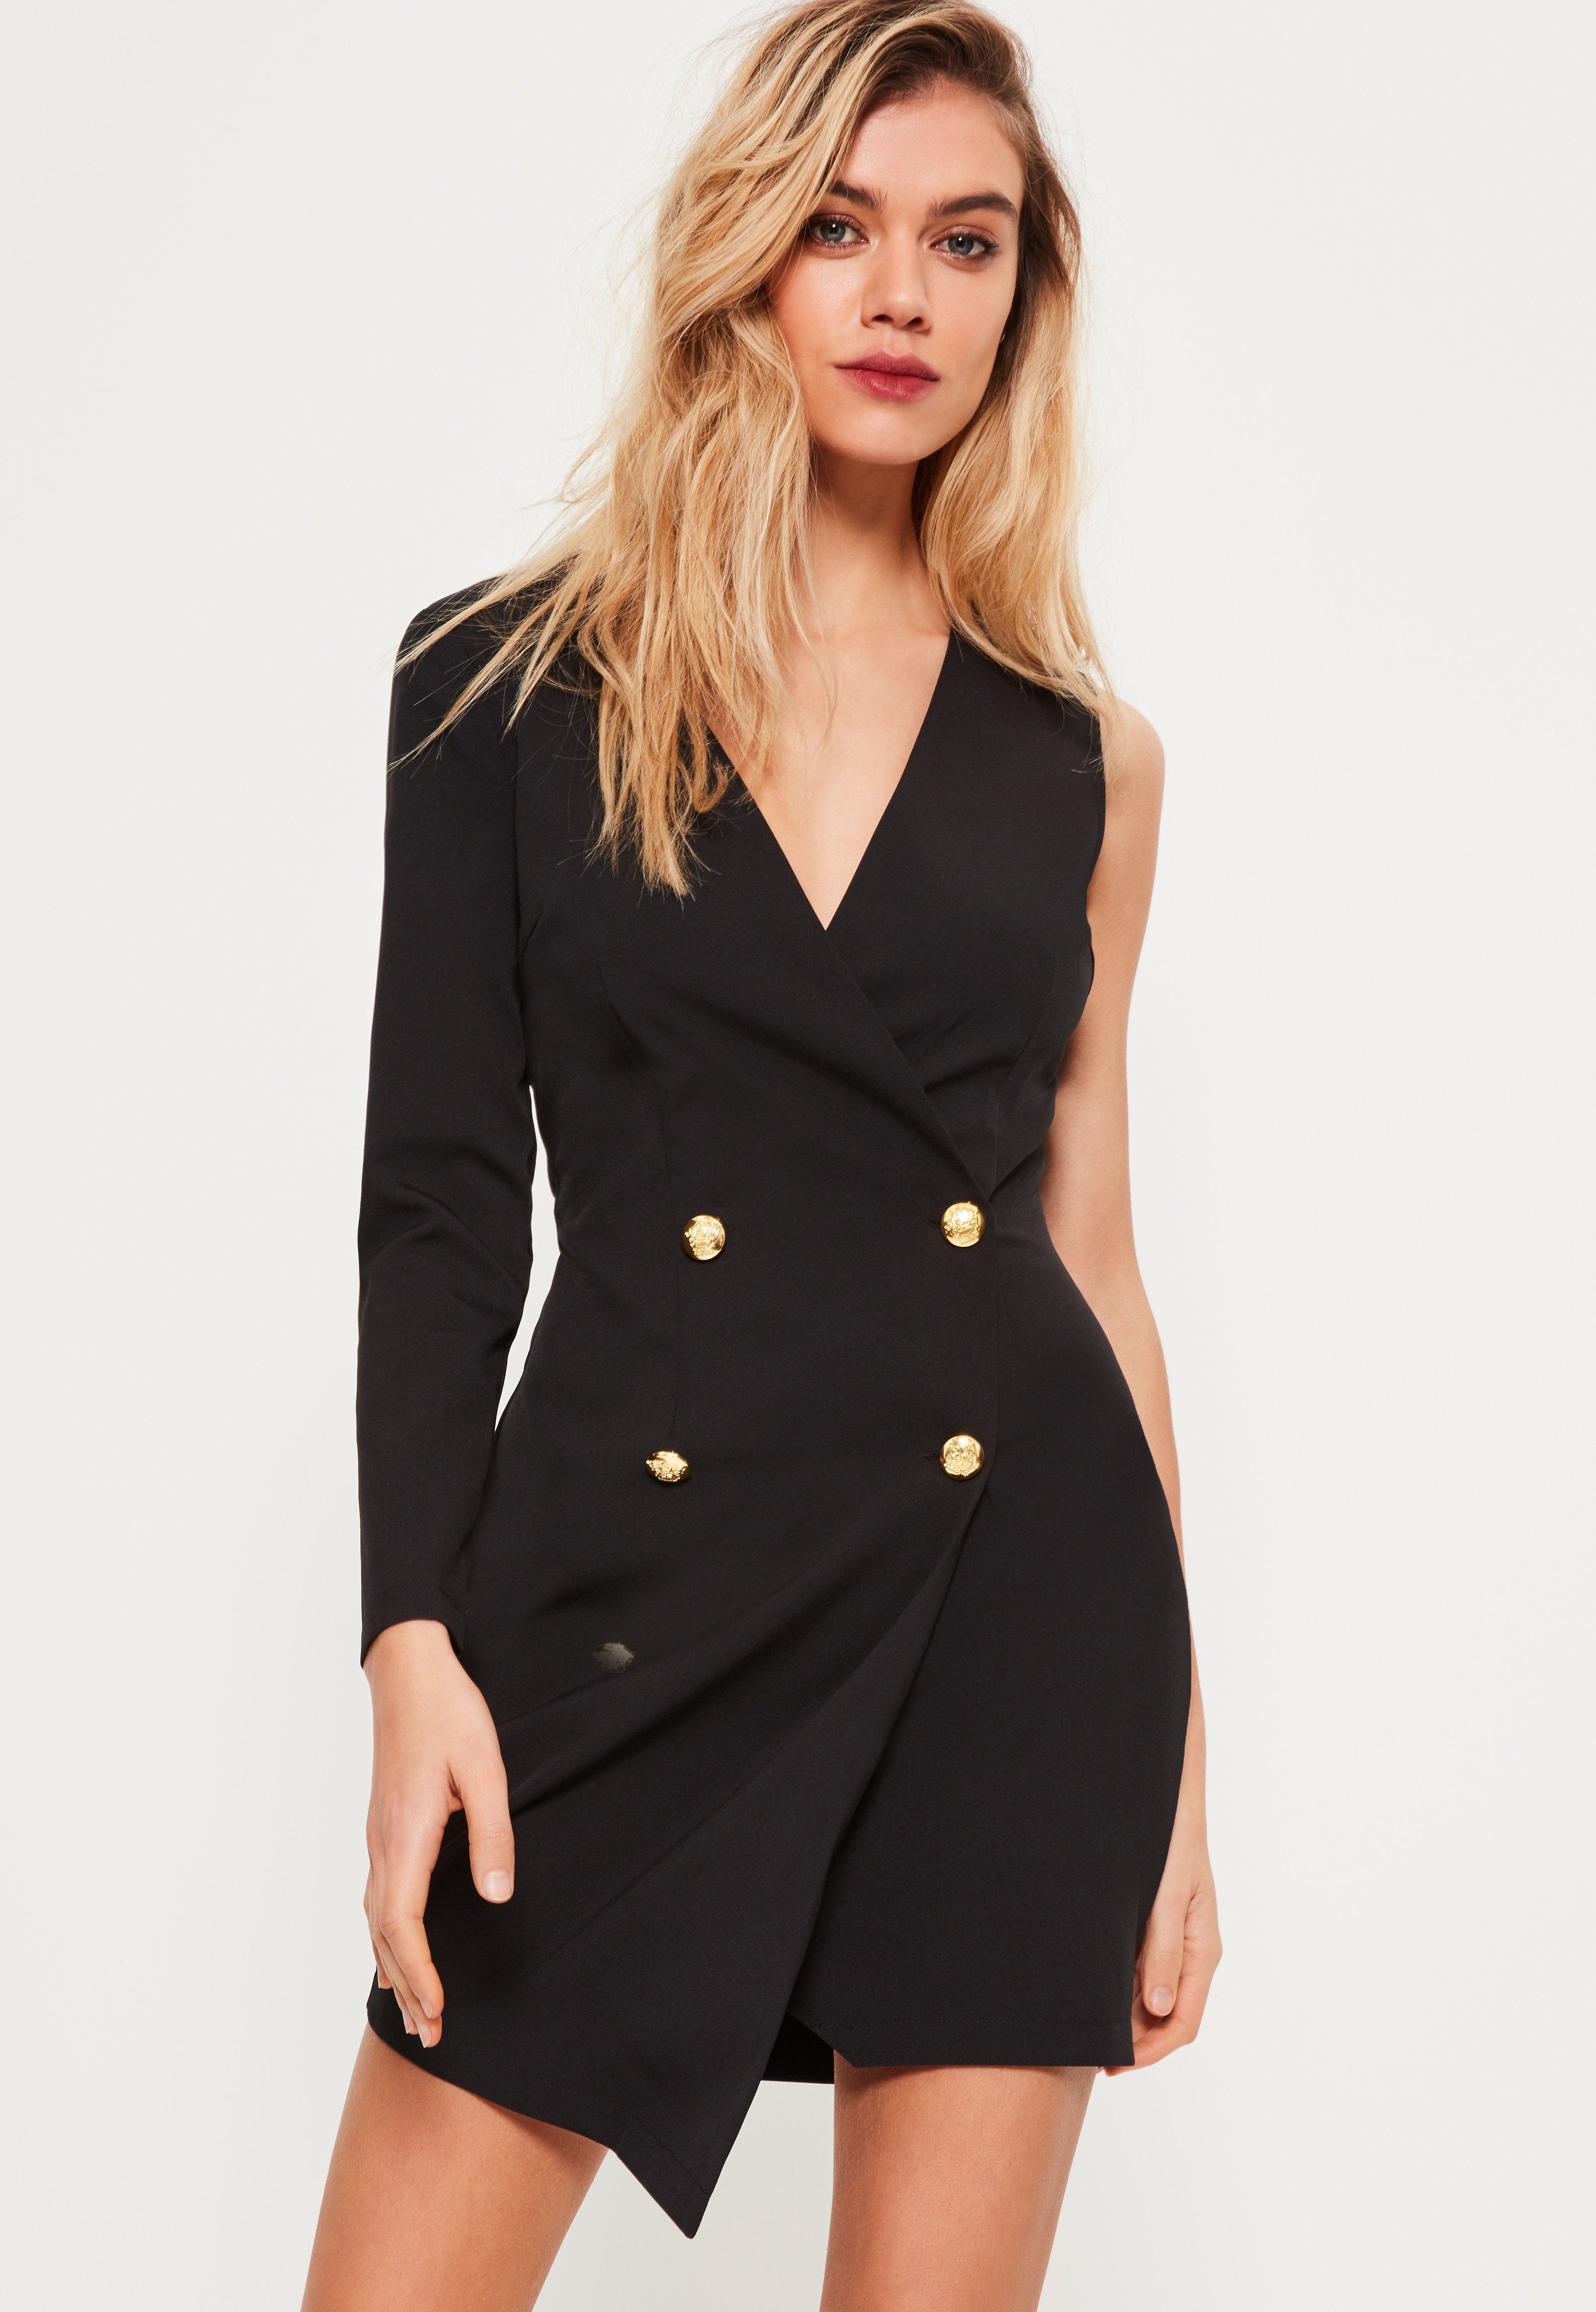 Einärmliges Blazer Kleid in Petite Größe in Schwarz   Missguided